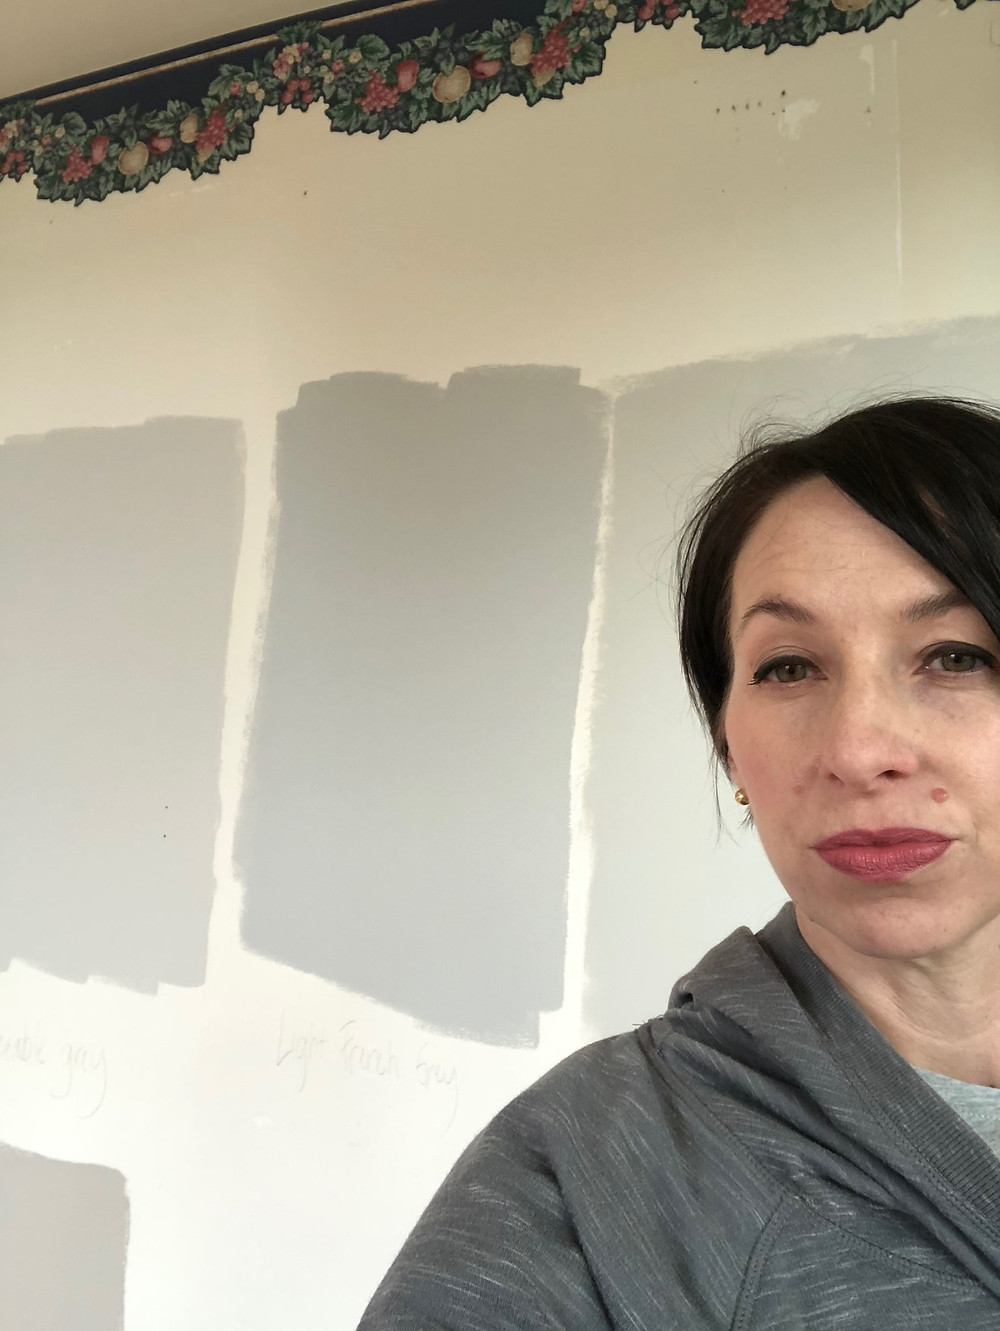 Testing paint colors